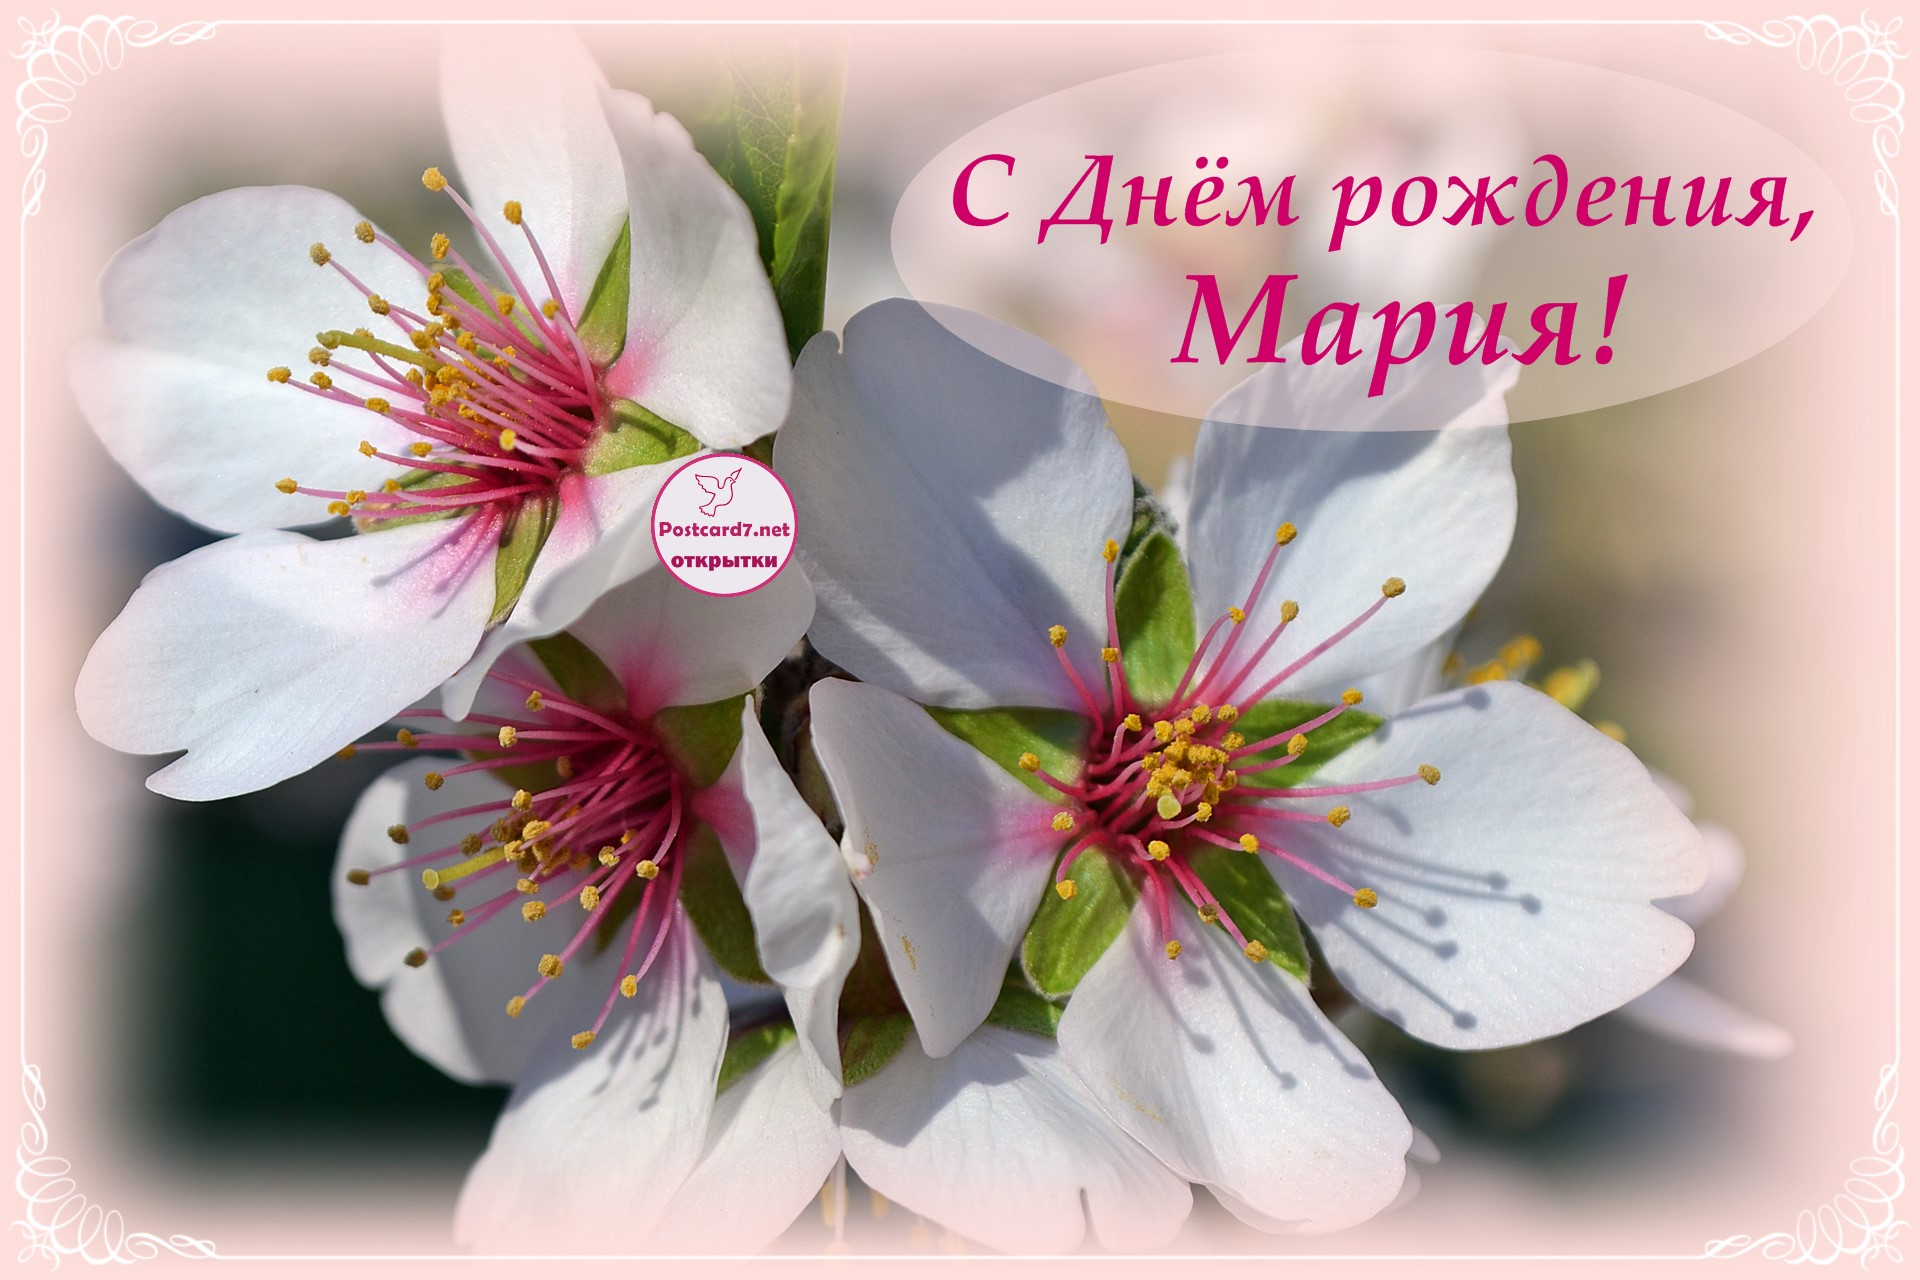 Картинки с поздравлением с днем рождения марии, днем